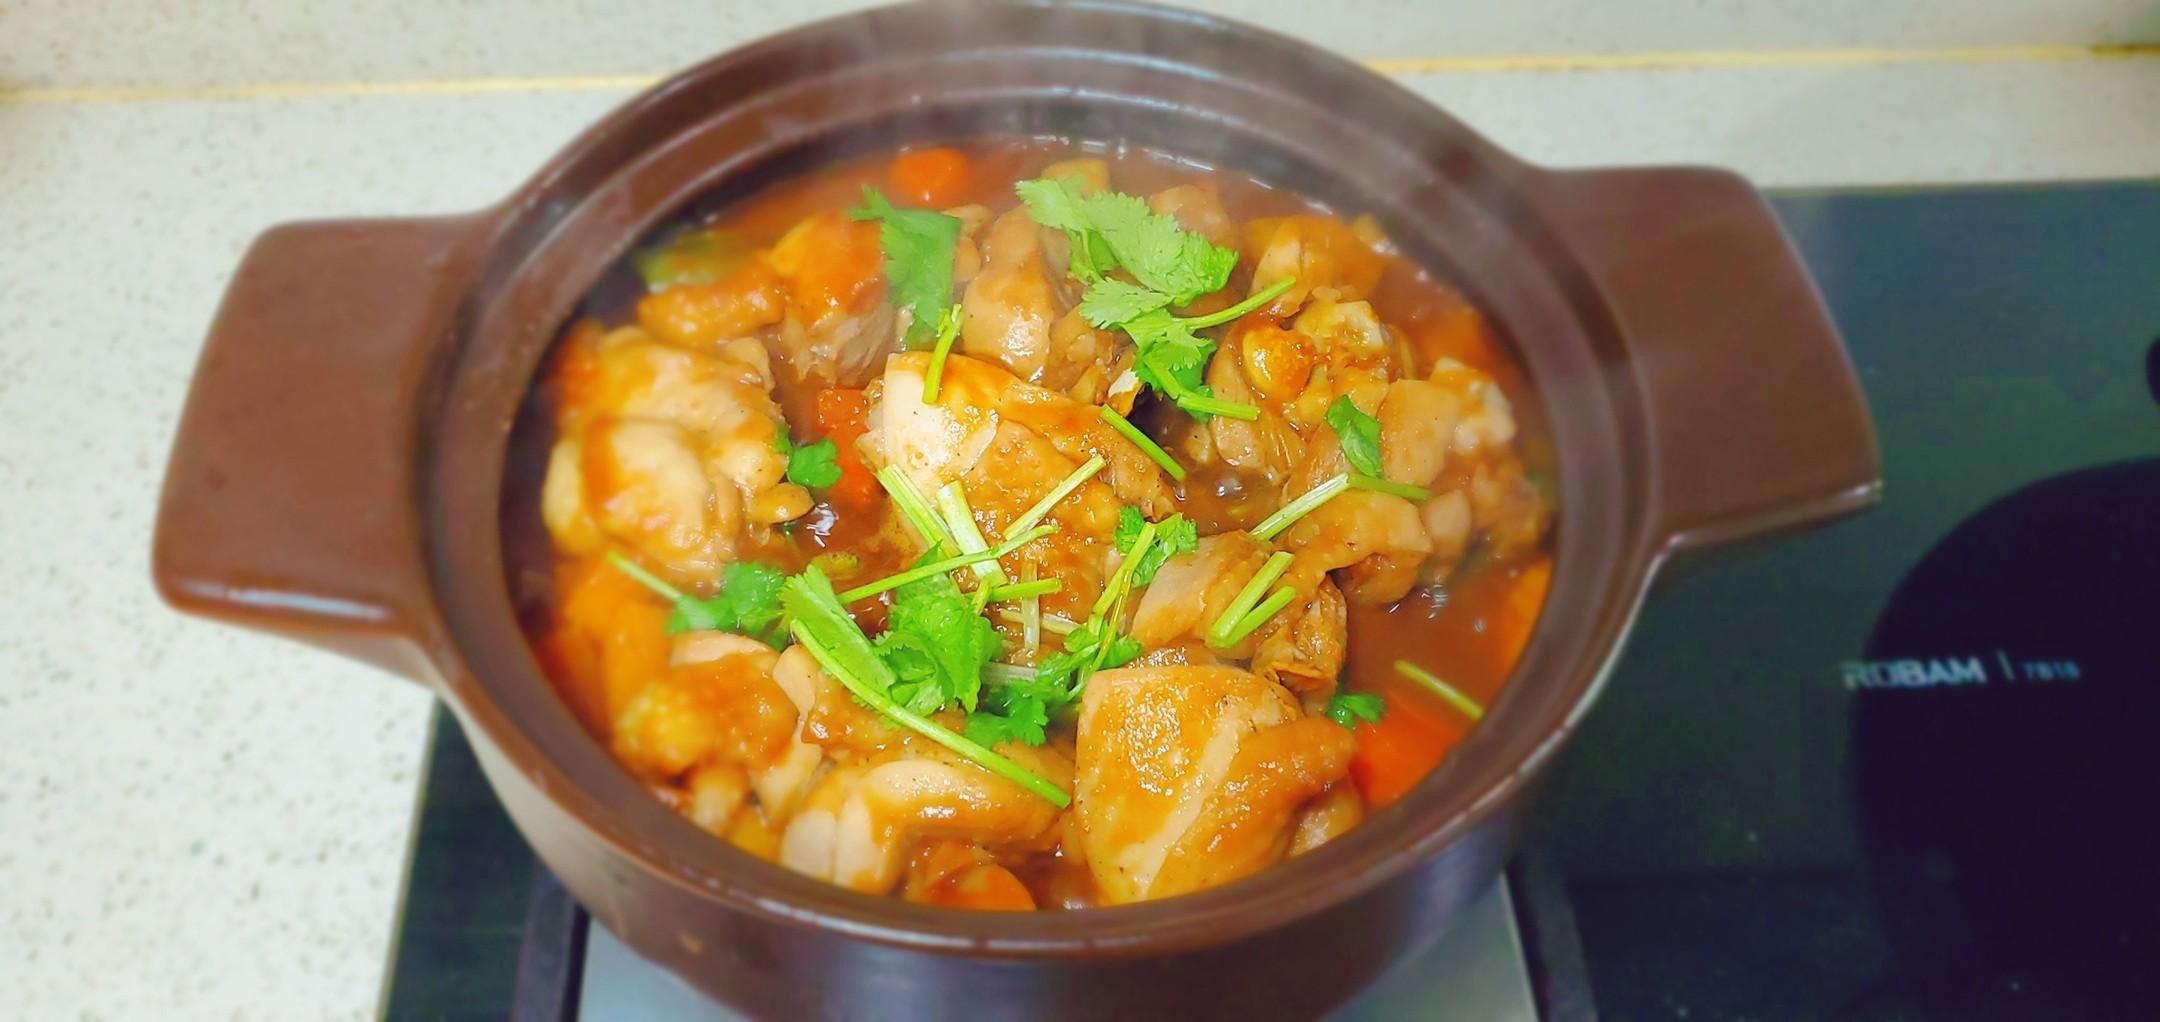 超下饭,堪比黄记煌的鸡腿焖锅怎么煮